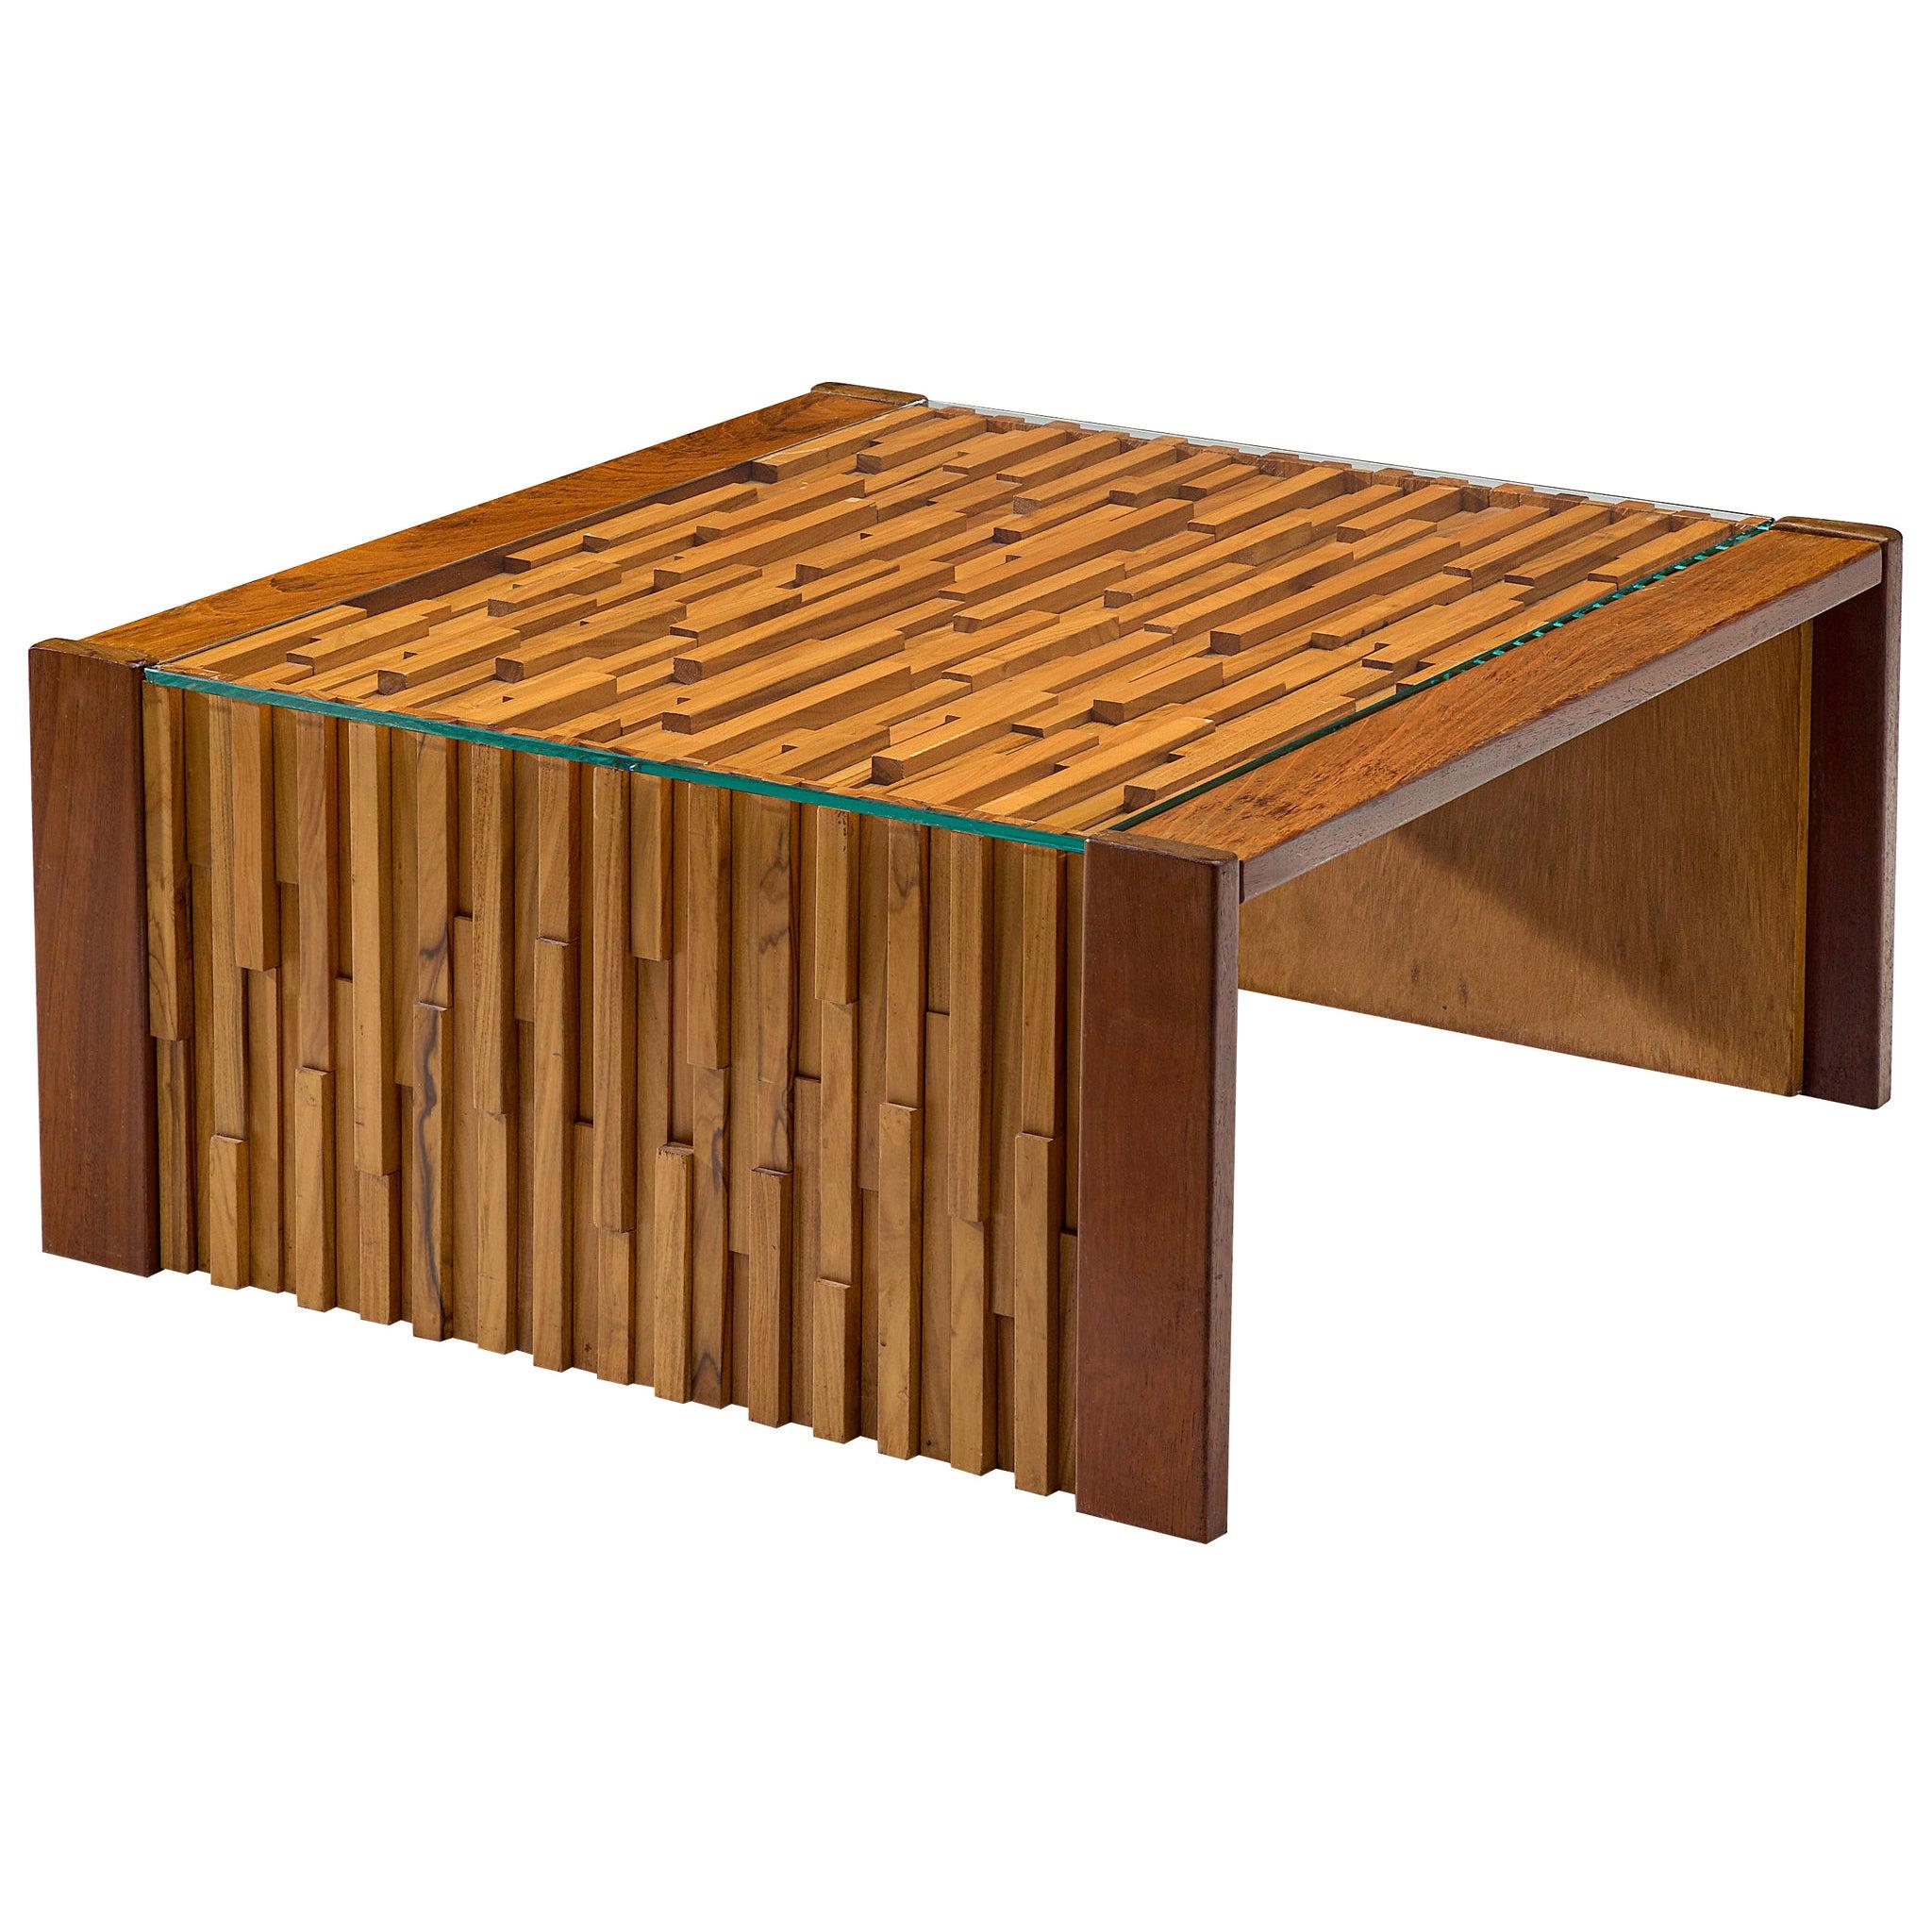 Percival Lafer Square Coffee Table